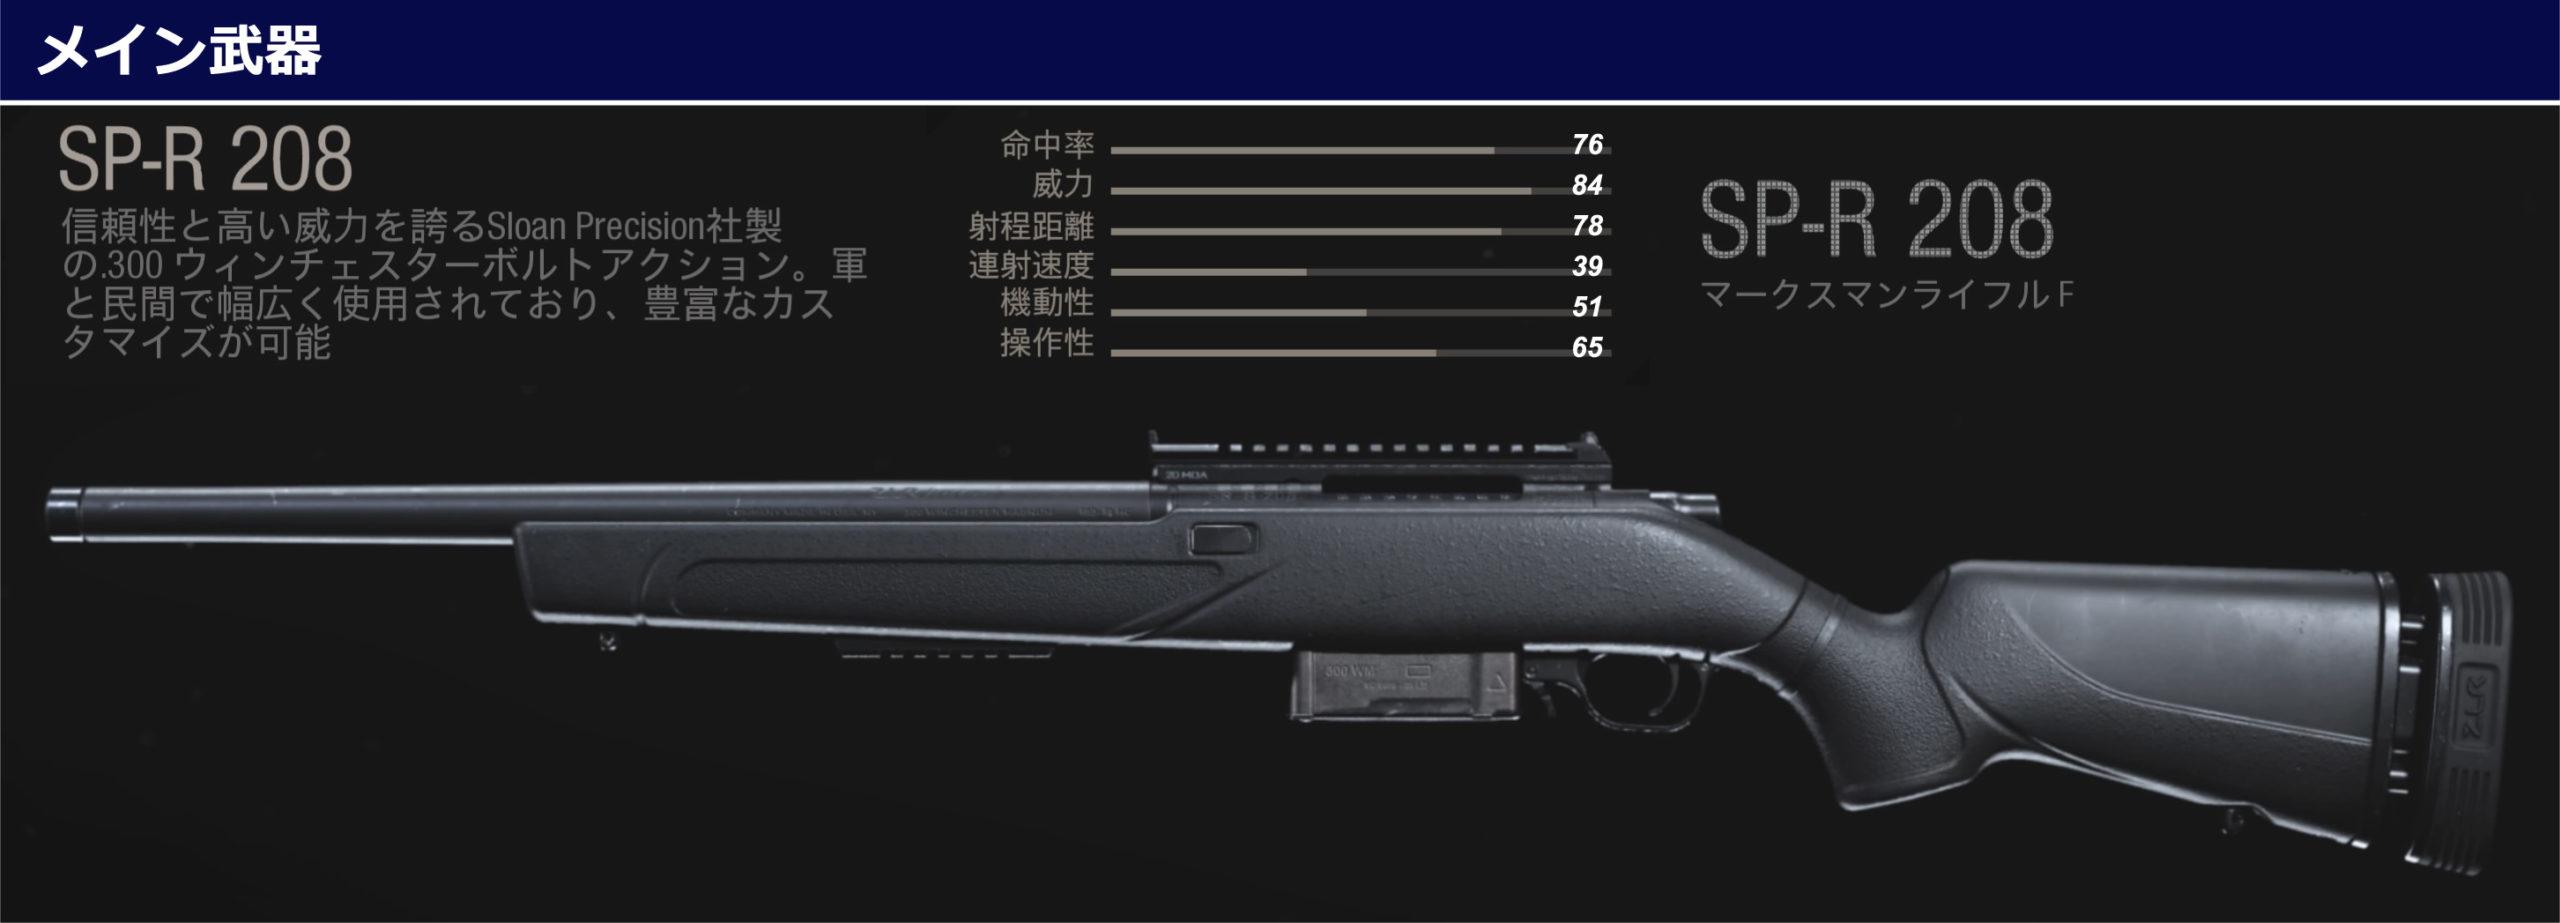 SP-R-208